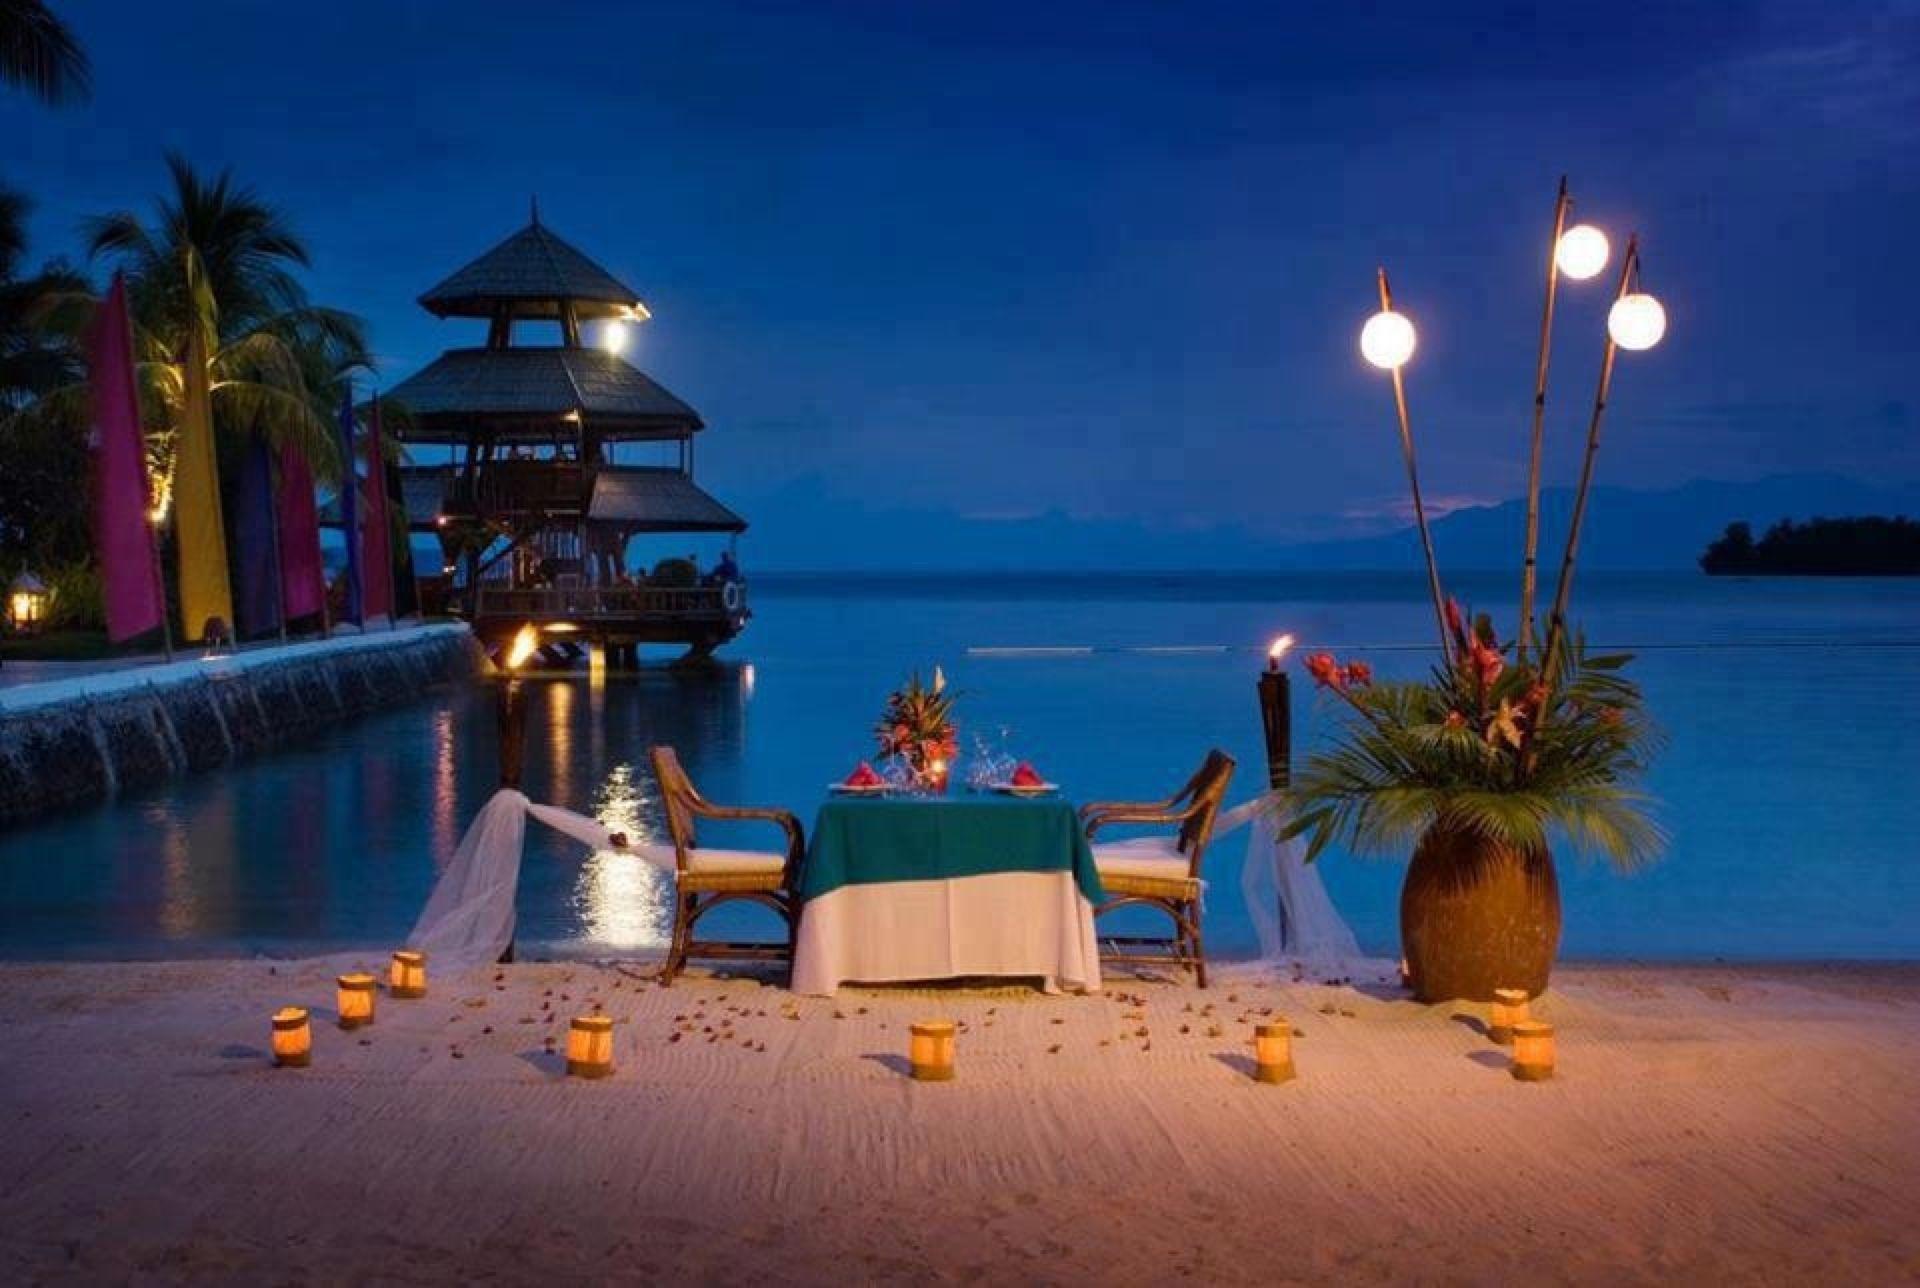 Jeddah | Romantic places, Romantic beach, Beach dinner